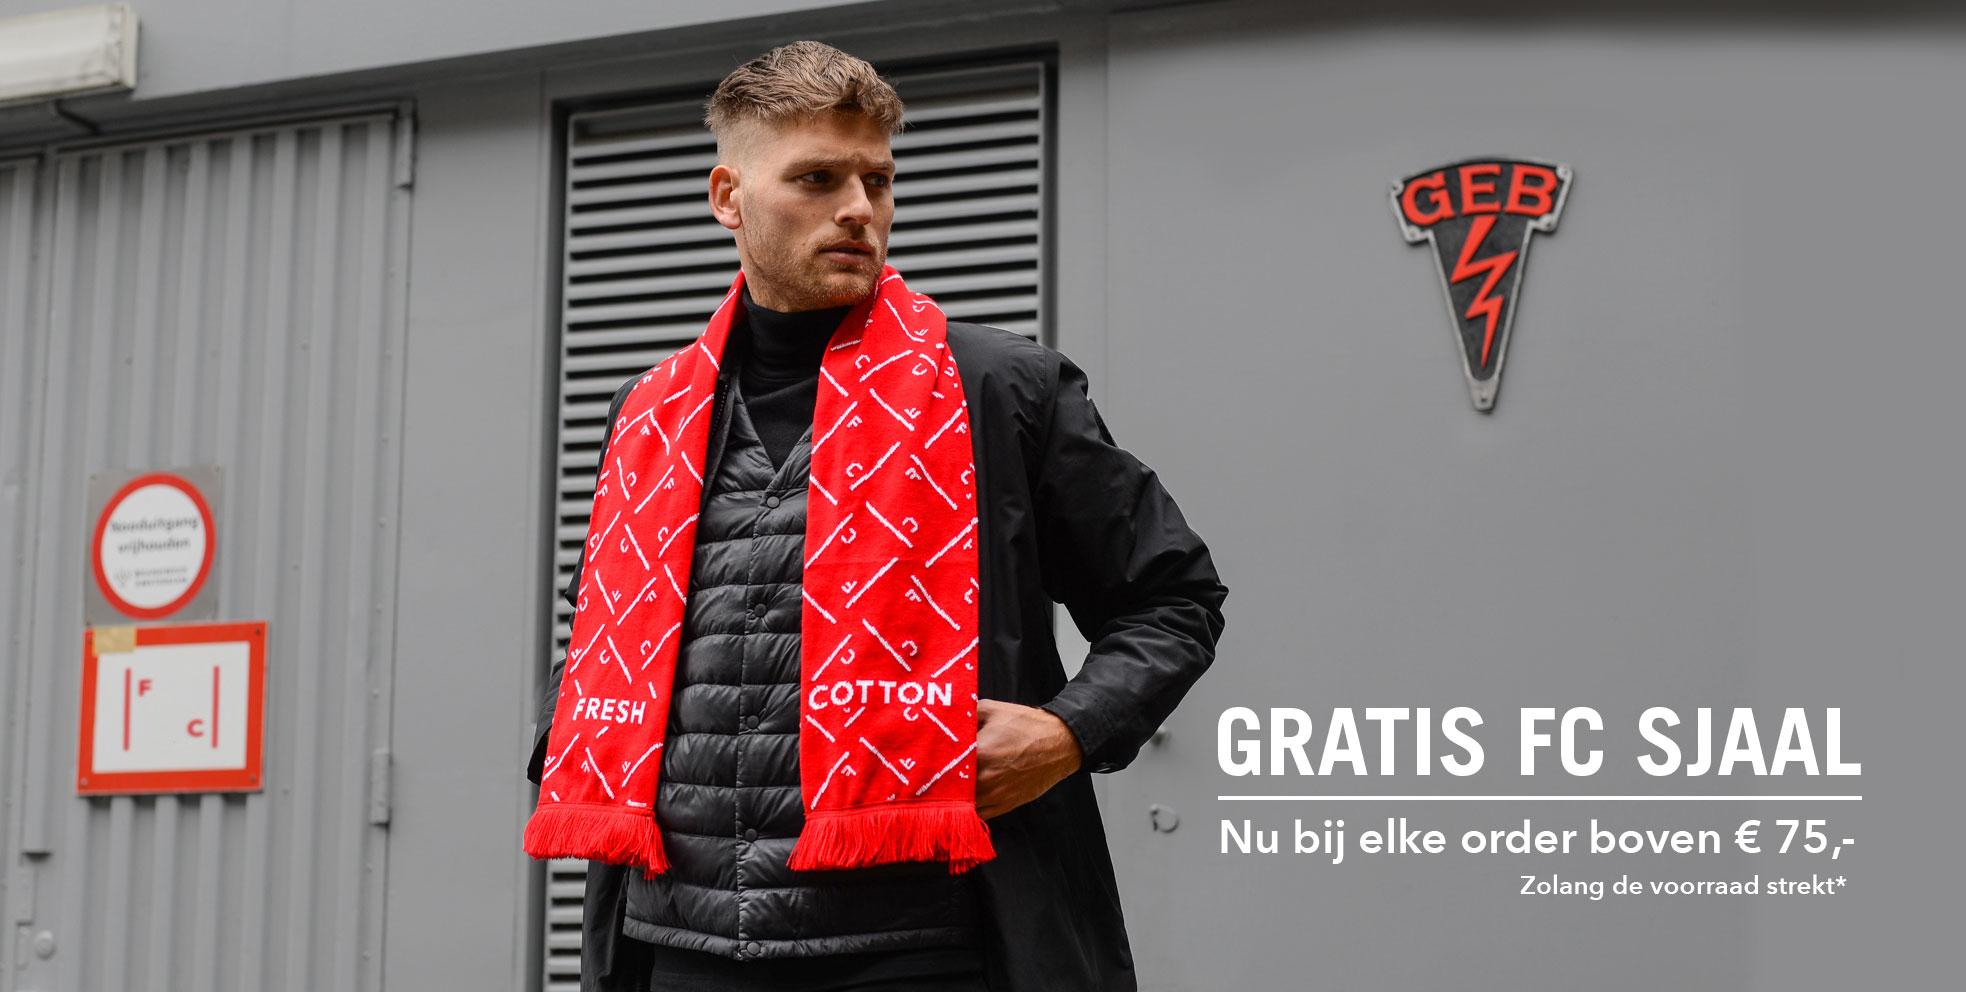 Gratis sjaal bij minimaal €75 @ FreshCotton